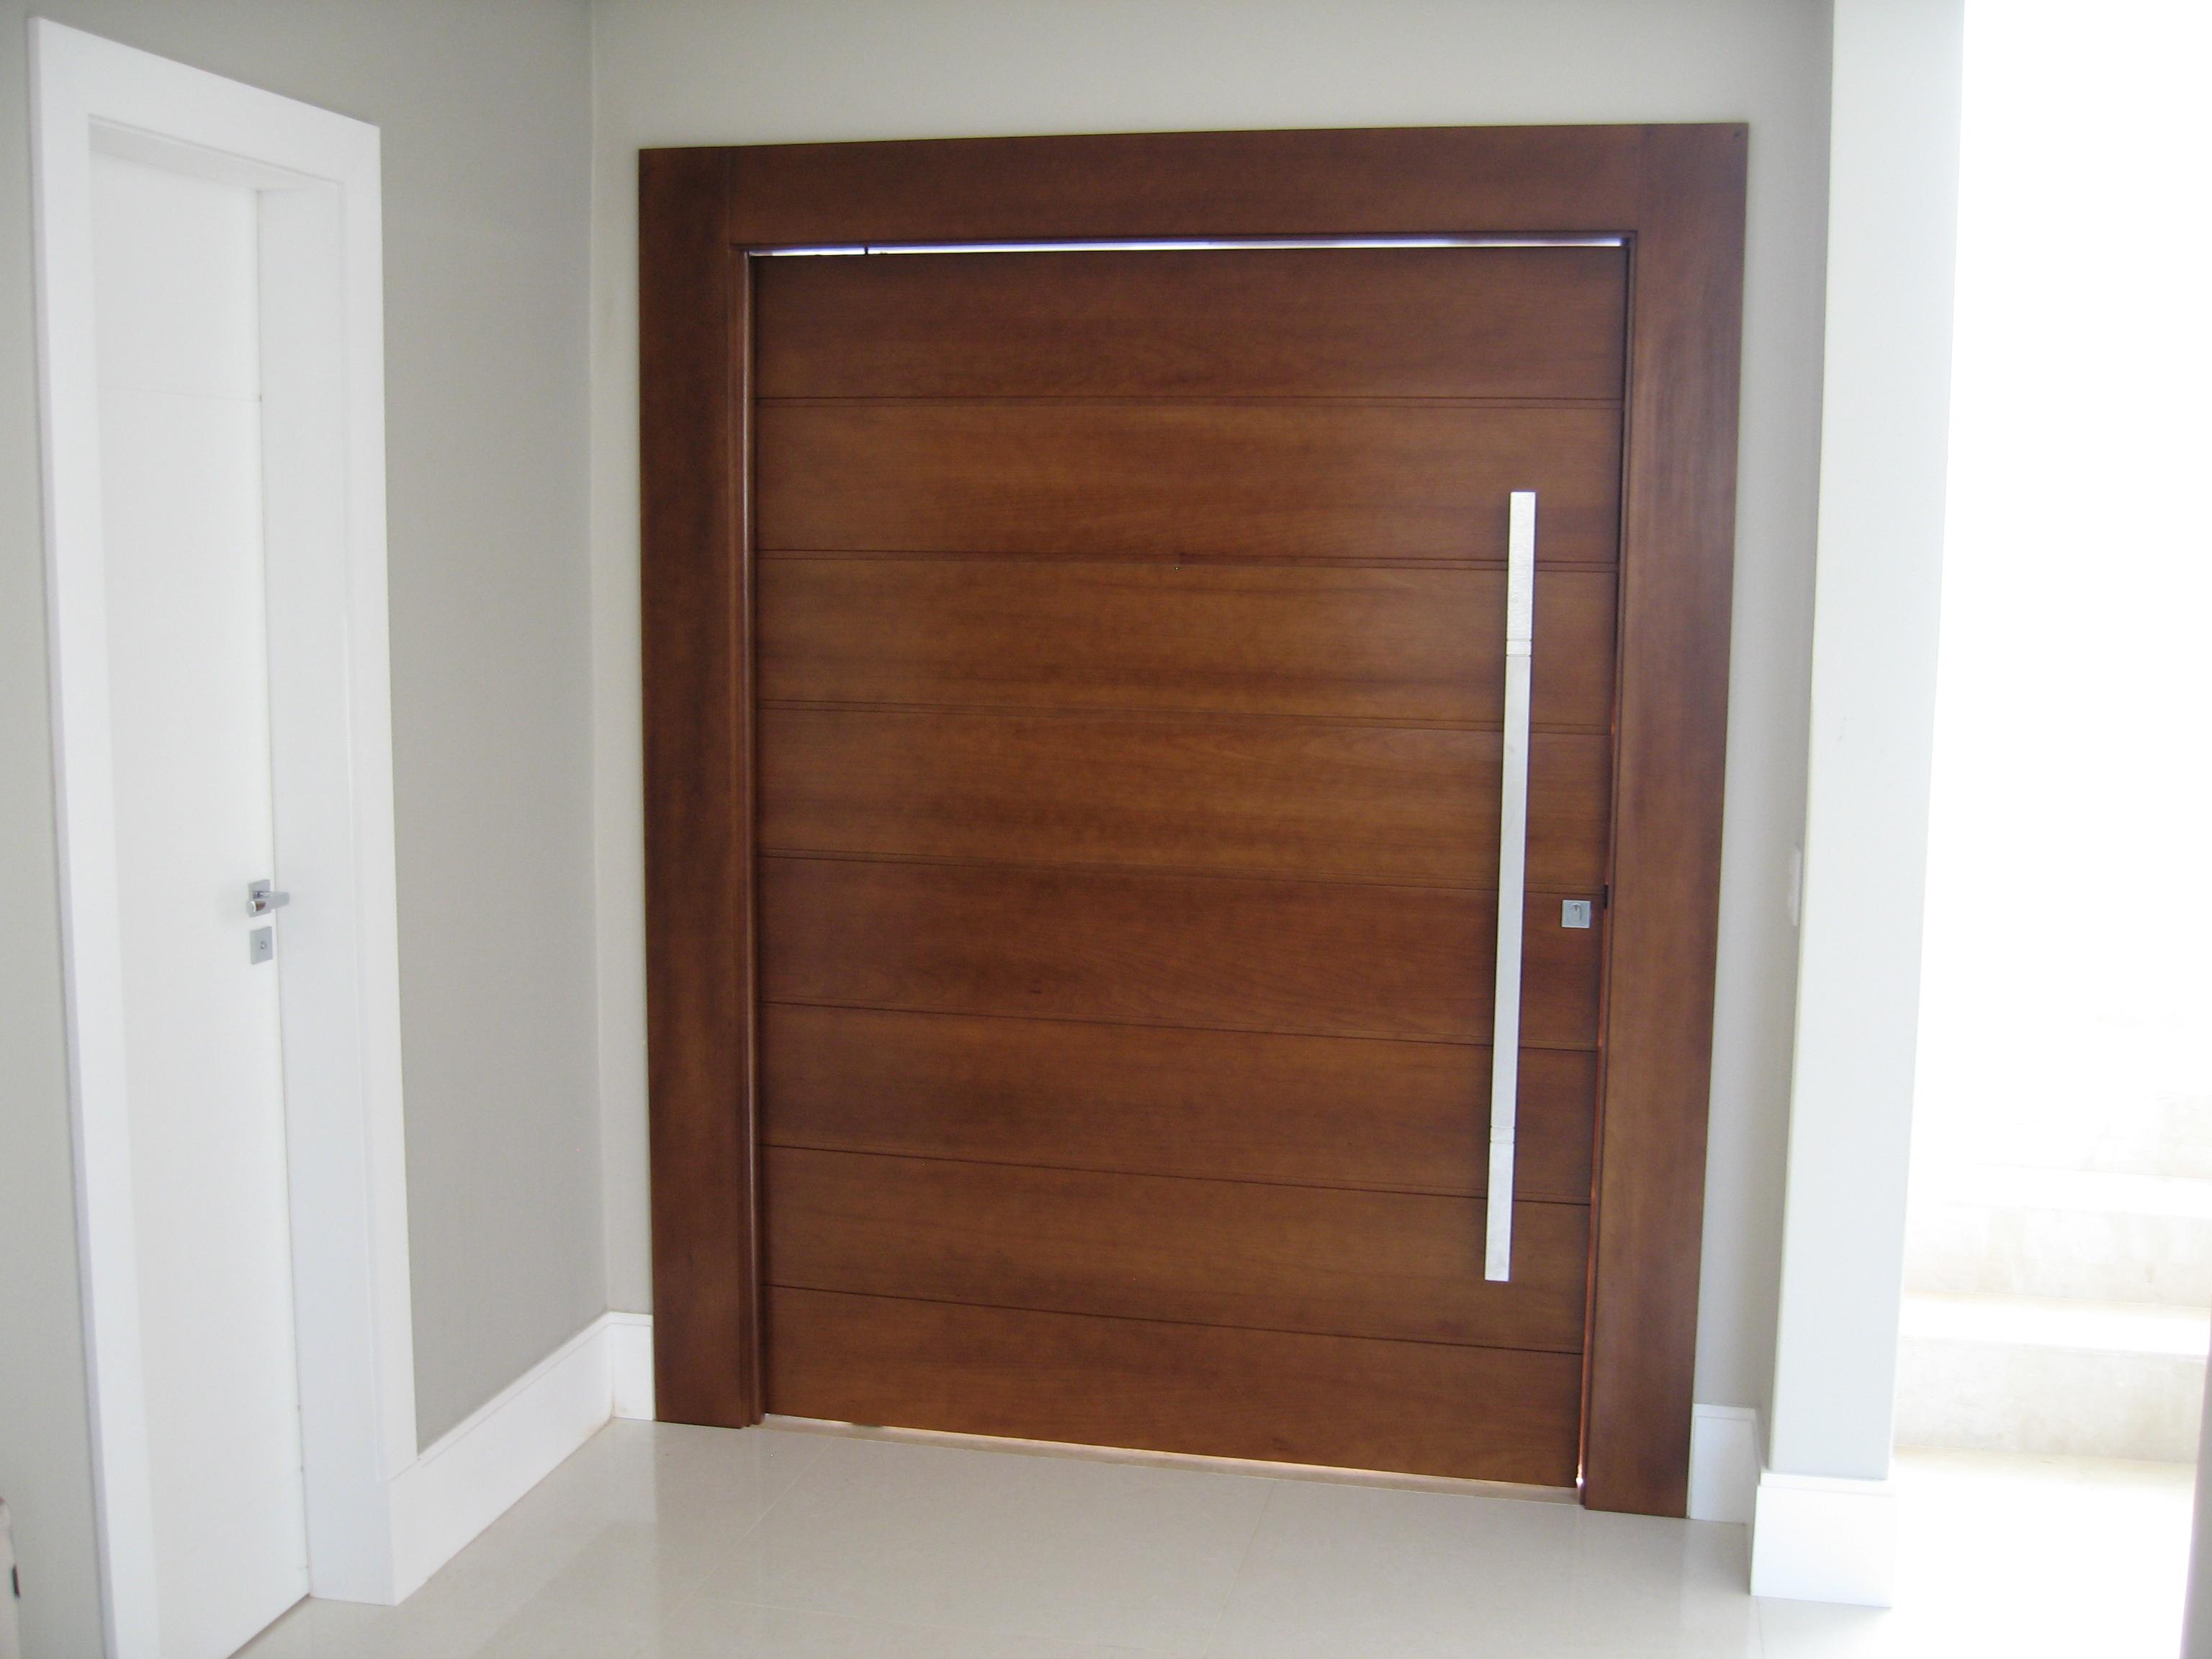 #673C2A Porta Acústica de Madeira Maciça Reforma Fácil 1246 Portas E Janelas Em Madeira